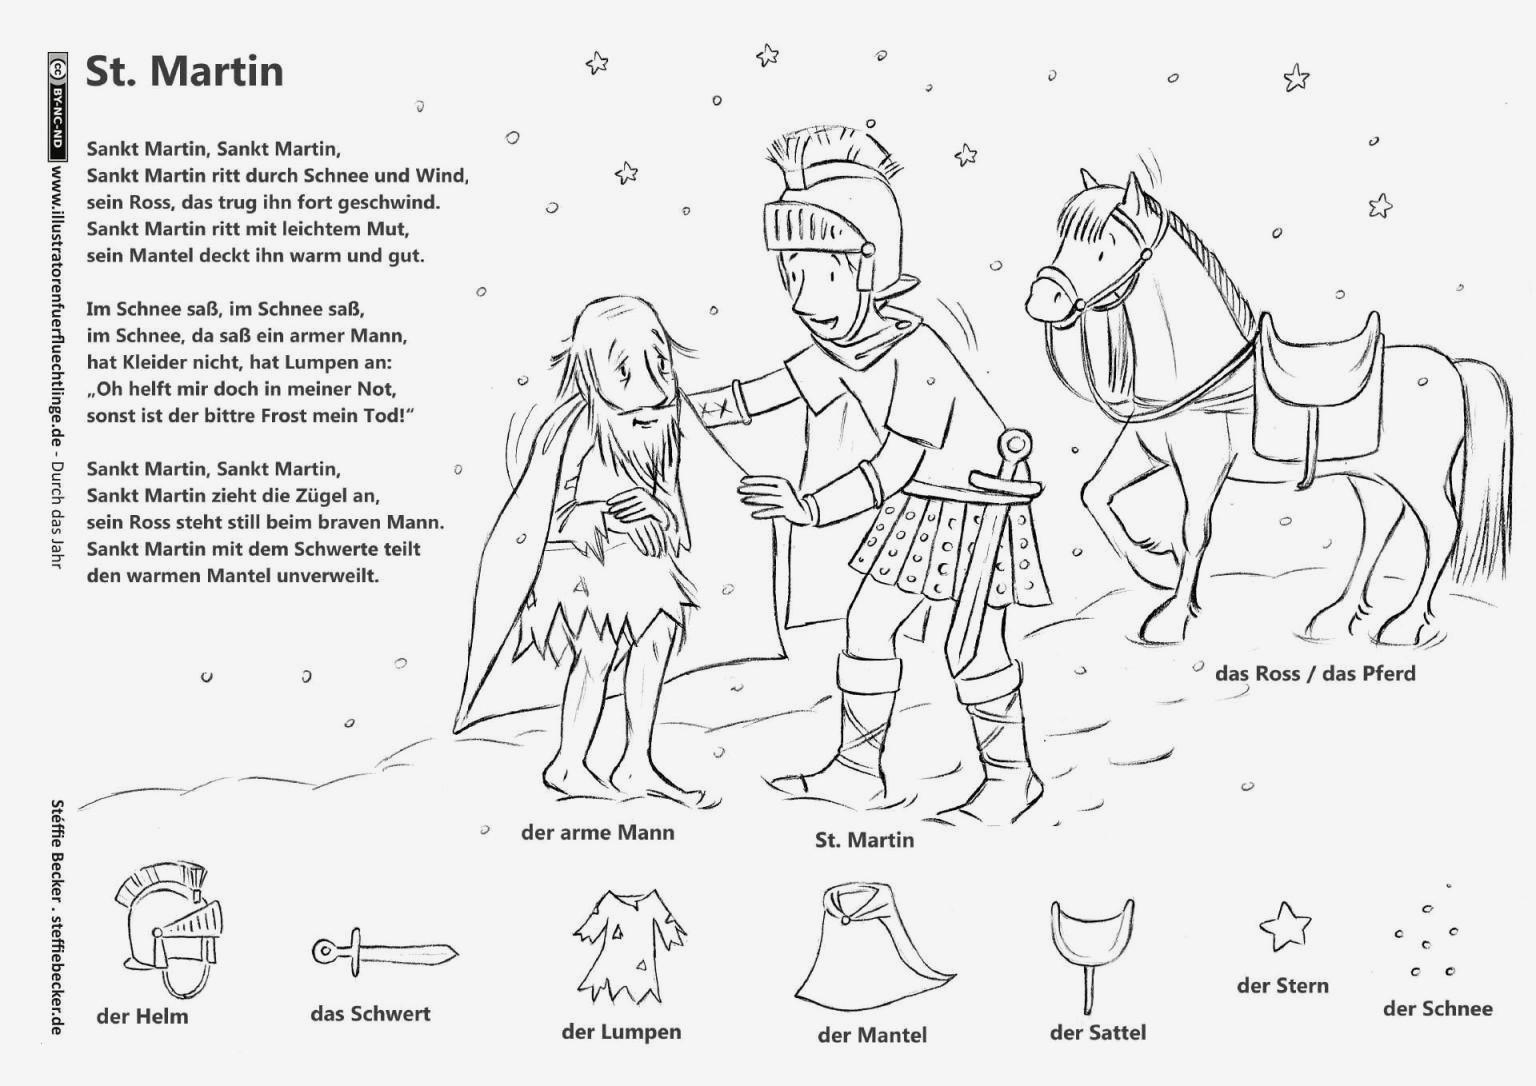 Ninjago Lloyd Ausmalbilder Frisch Einhorn Malvorlage Kinder Verschiedene Bilder Färben Malvorlagen Zum Stock